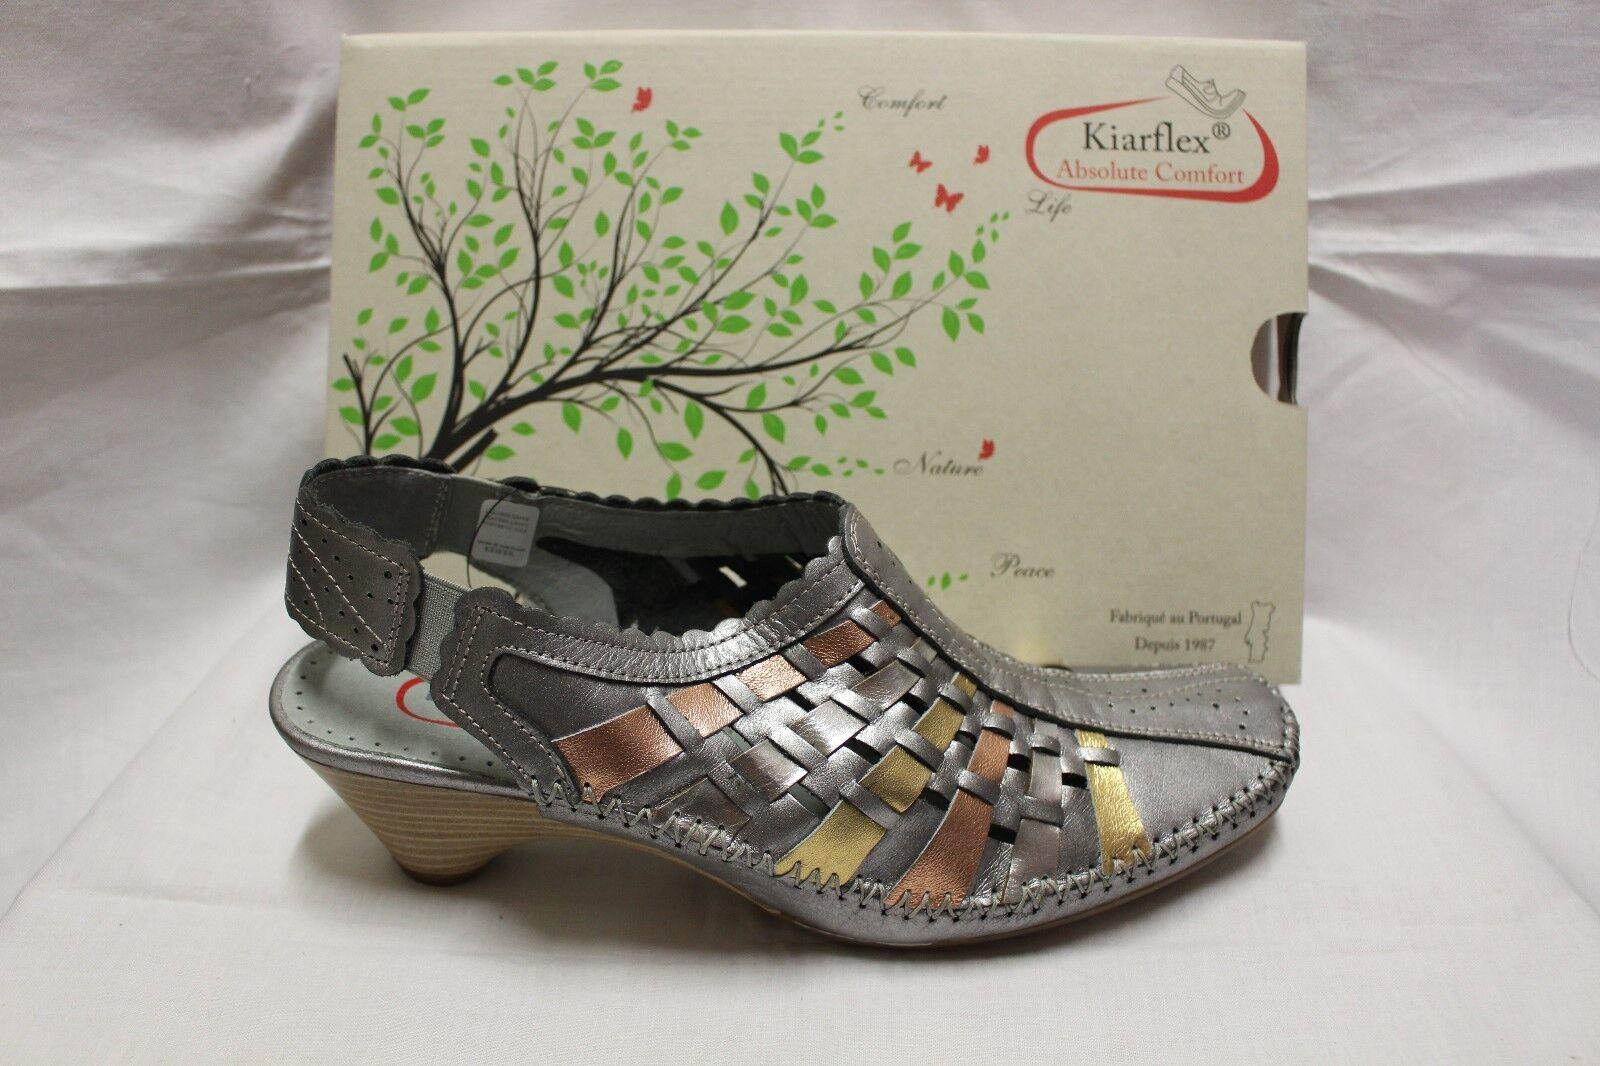 LADIES SHOES/FOOTWEAR - Kiarflex Sandal Keifer grey